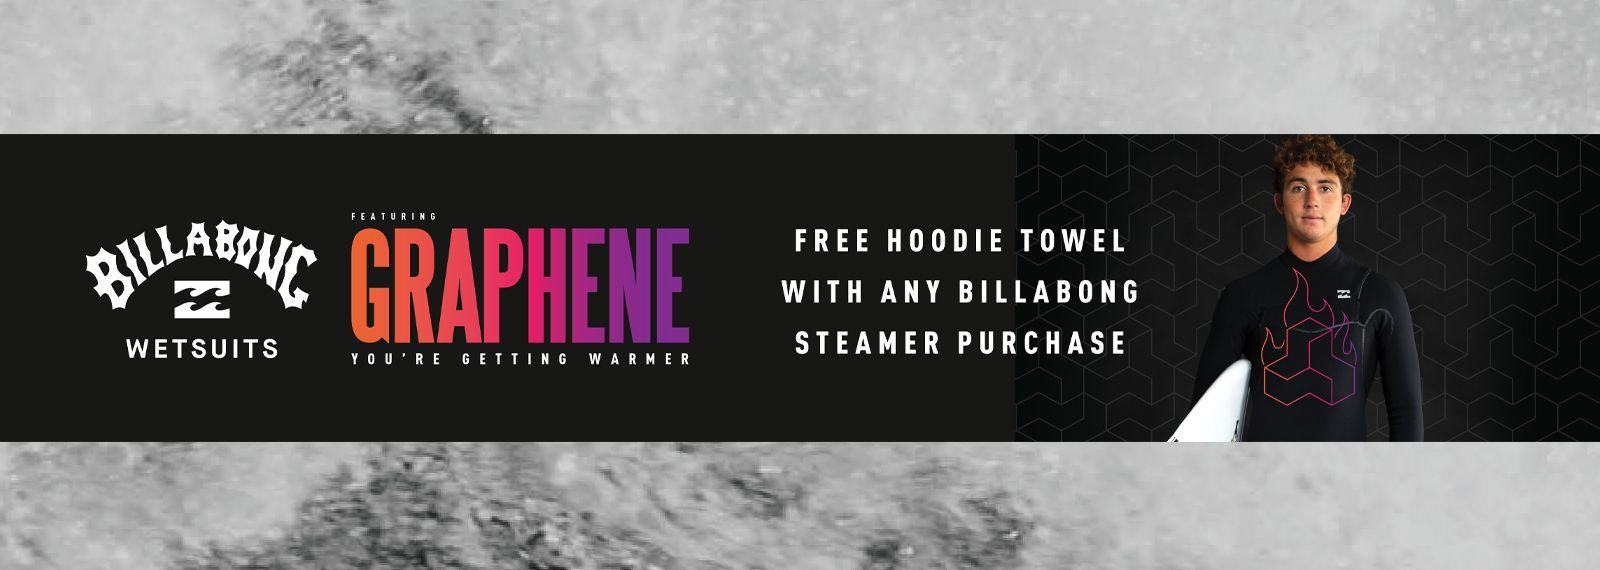 Free Hoodie Towel